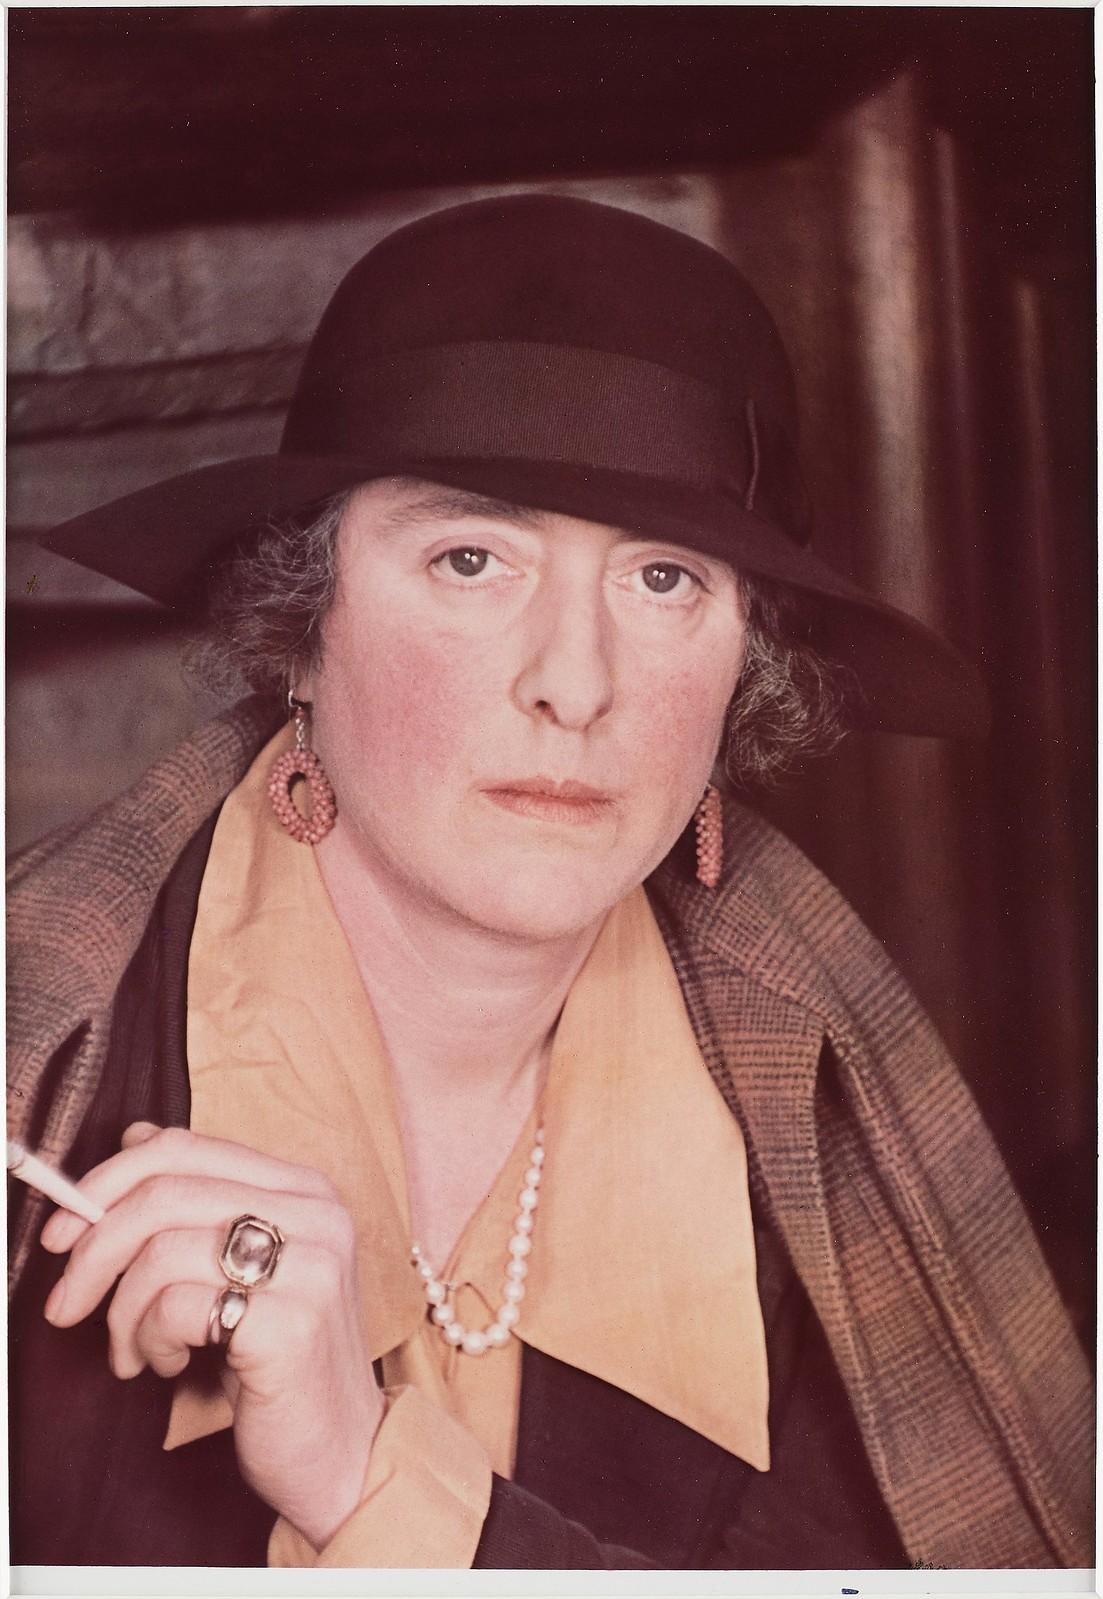 1939. Вита Сэквилл-Уэст (английская писательница, аристократка, садовод, журналистка. Обладательница почётной степени доктора словесности, мировой судья)